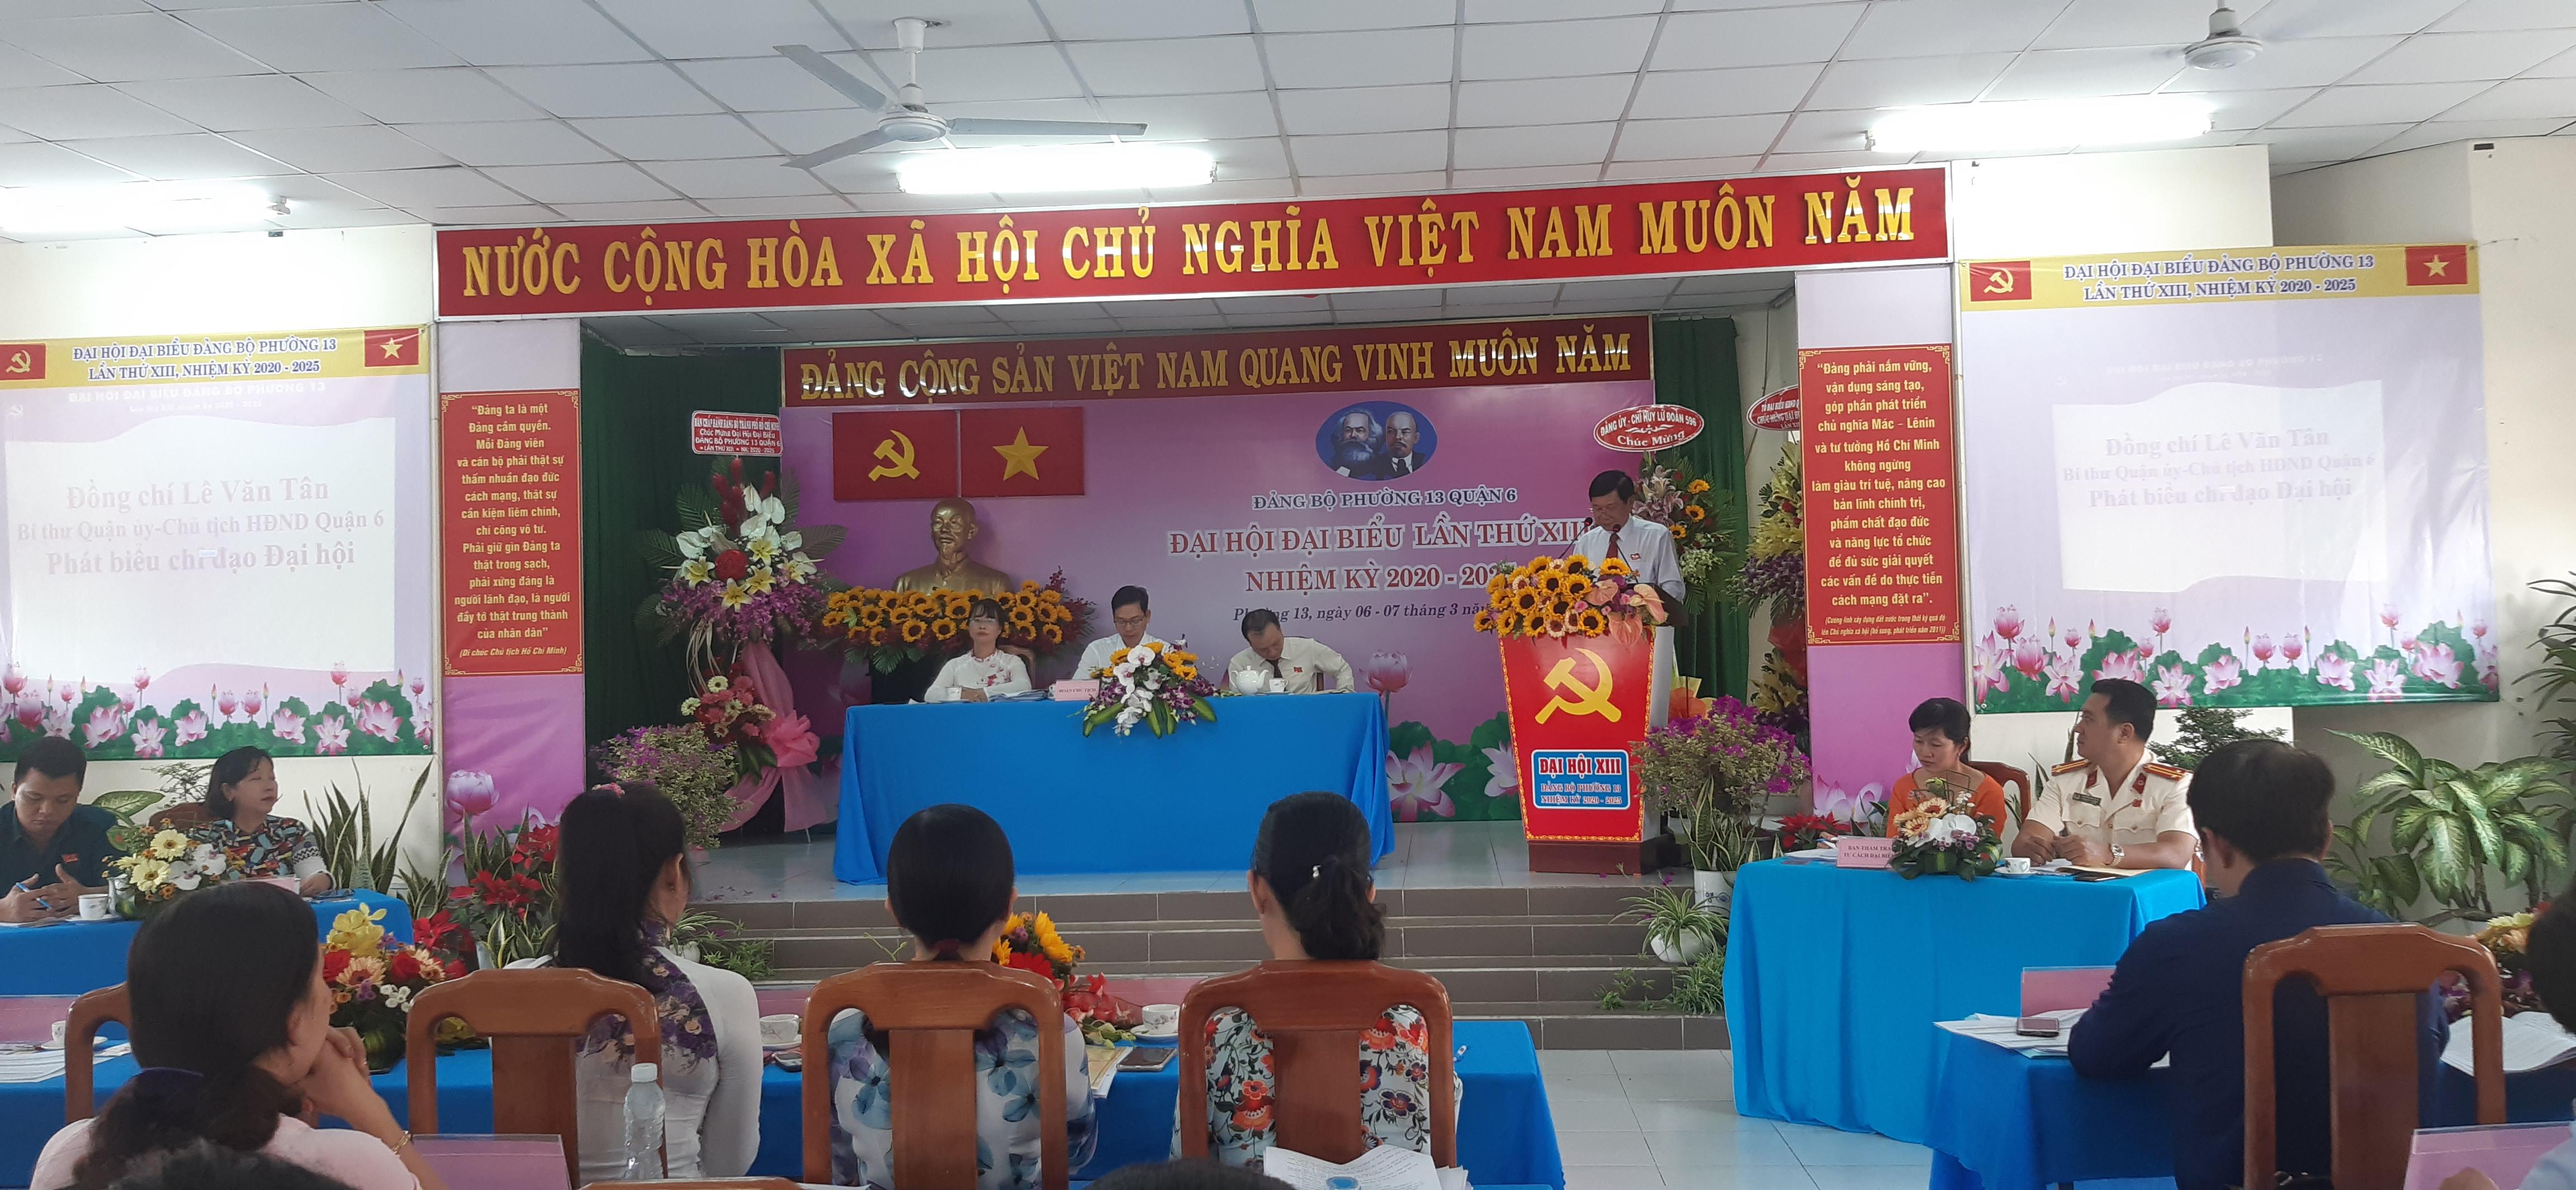 Ông Lê Văn Tân- Bí Thư quận ủy quận 6 phát biểu chỉ đạo đại hội.